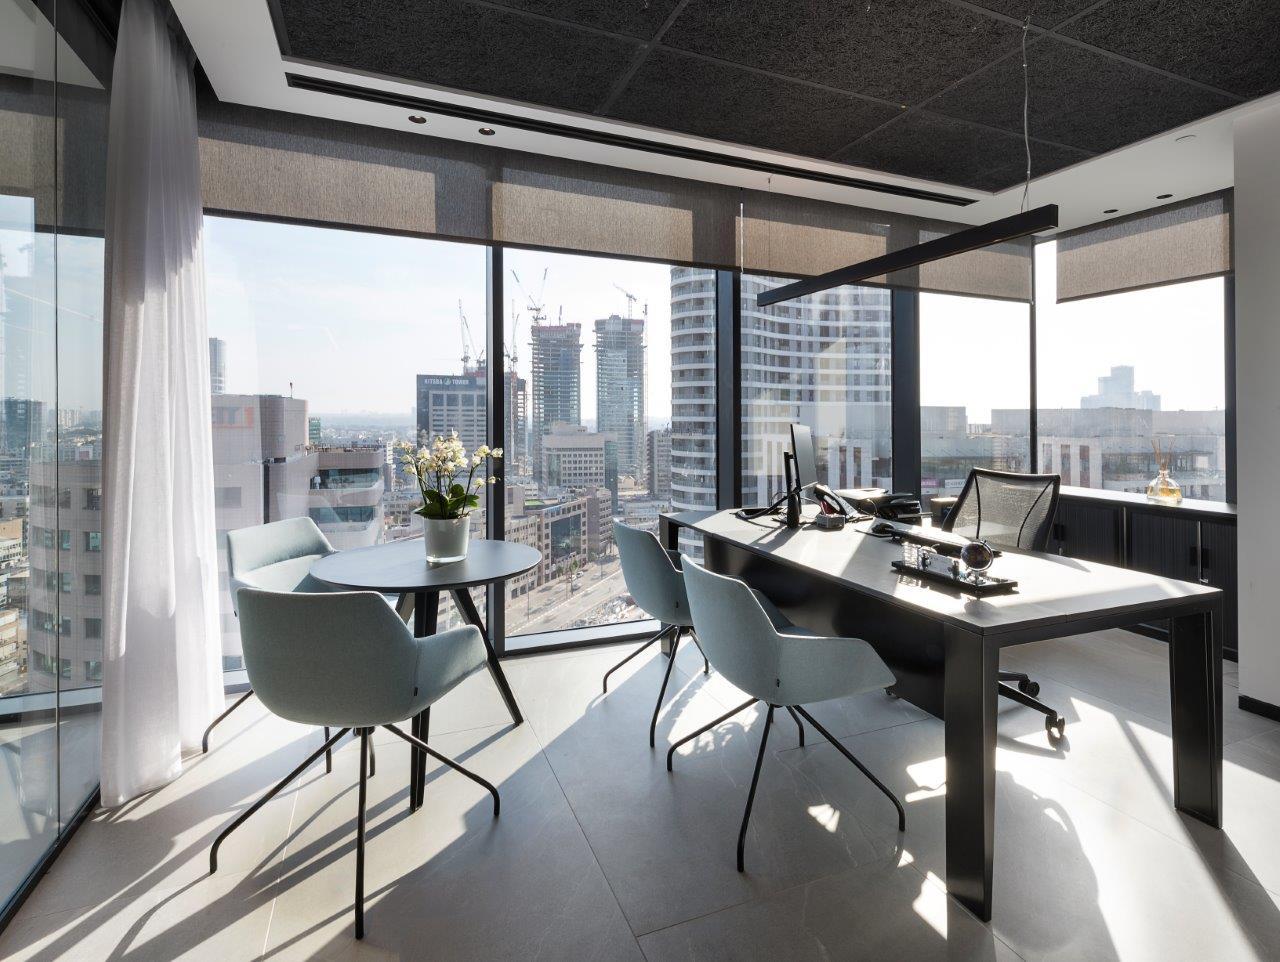 שולחן מנהל UM, כסאות אורח DUNAS, שולחן אירוח CITY